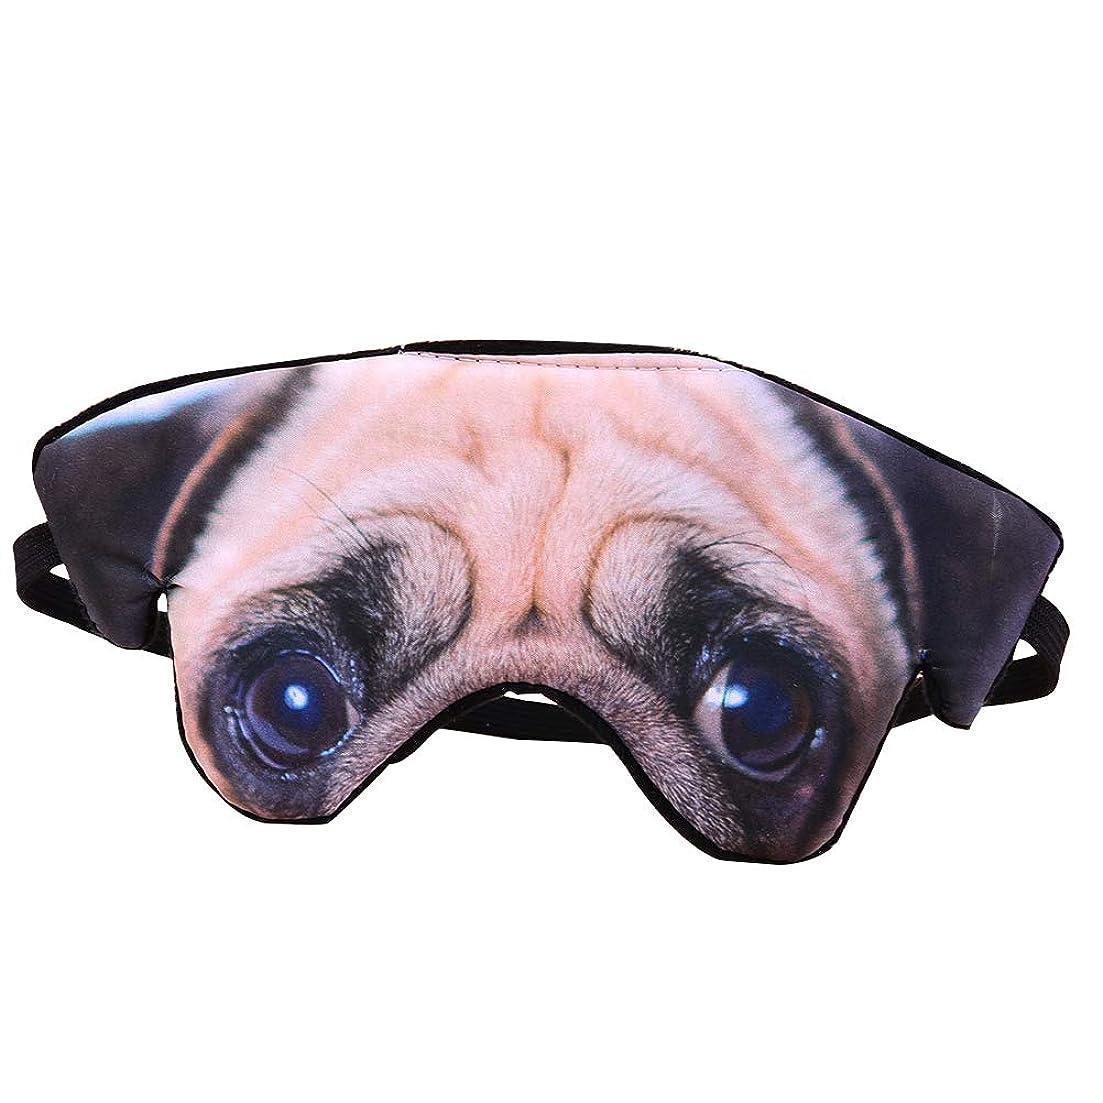 不快な調和突き刺すSUPVOX かわいい睡眠マスク目の睡眠マスクの子供のアイマスクパグのパターン(パグ)